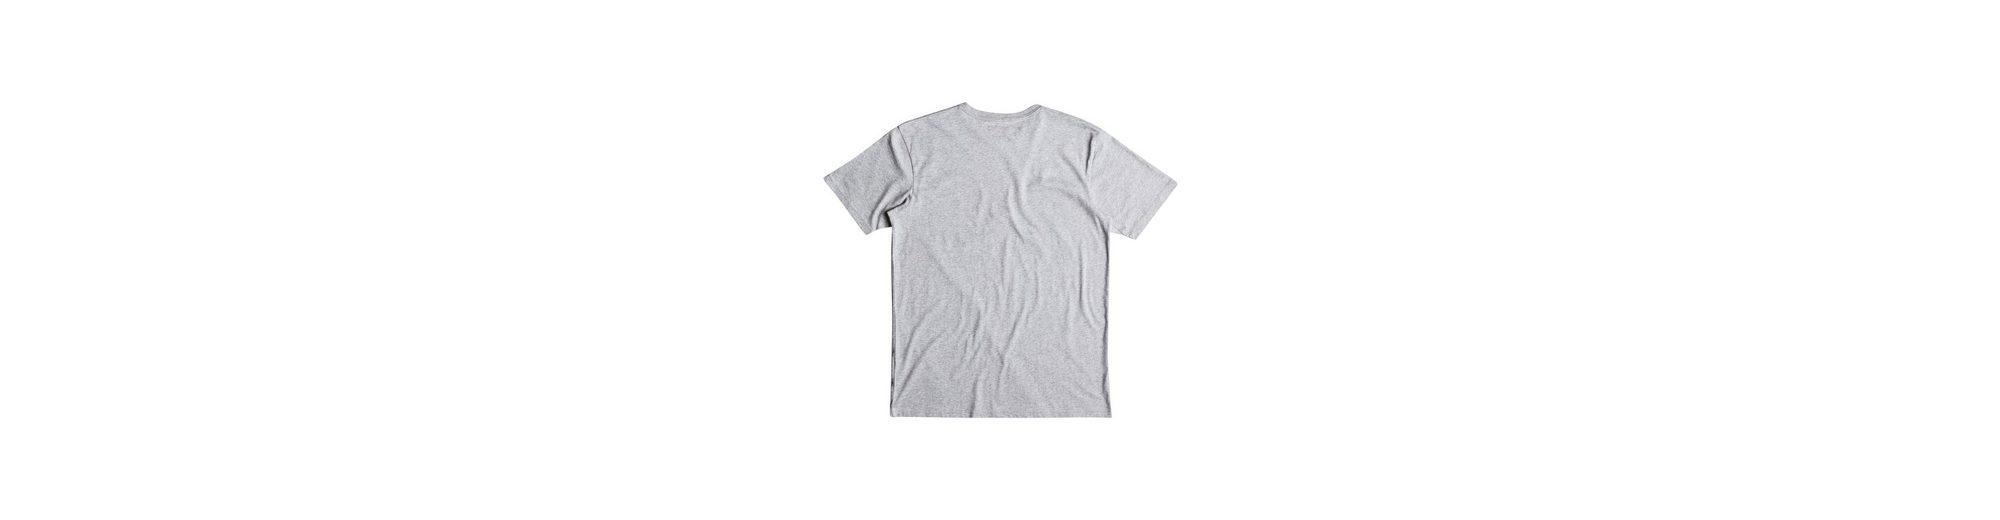 Um Online-Verkauf Quiksilver T-Shirt Classic Blazed - T-Shirt Billige Ebay Komfortabel Günstiger Preis Freies Verschiffen Besuch Neu LJlm0PjbBN